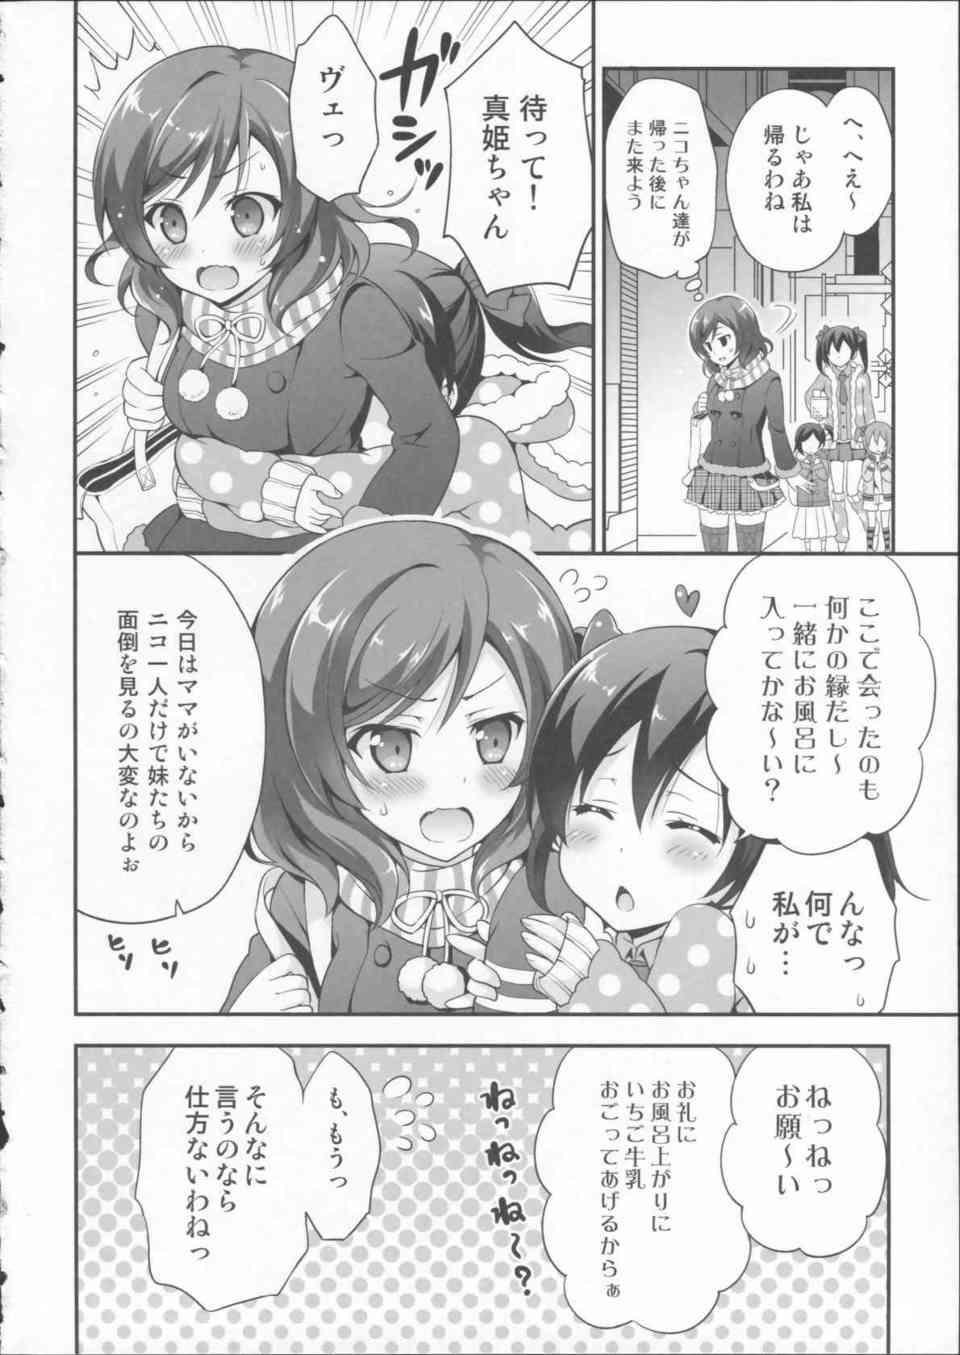 [ラブライブの同人誌]西木野真姫は初めて訪れた銭湯の作法をにこに教えてもらいます!矢澤家の妹達と一緒に洗いっこして楽しい時間を過ごし…006